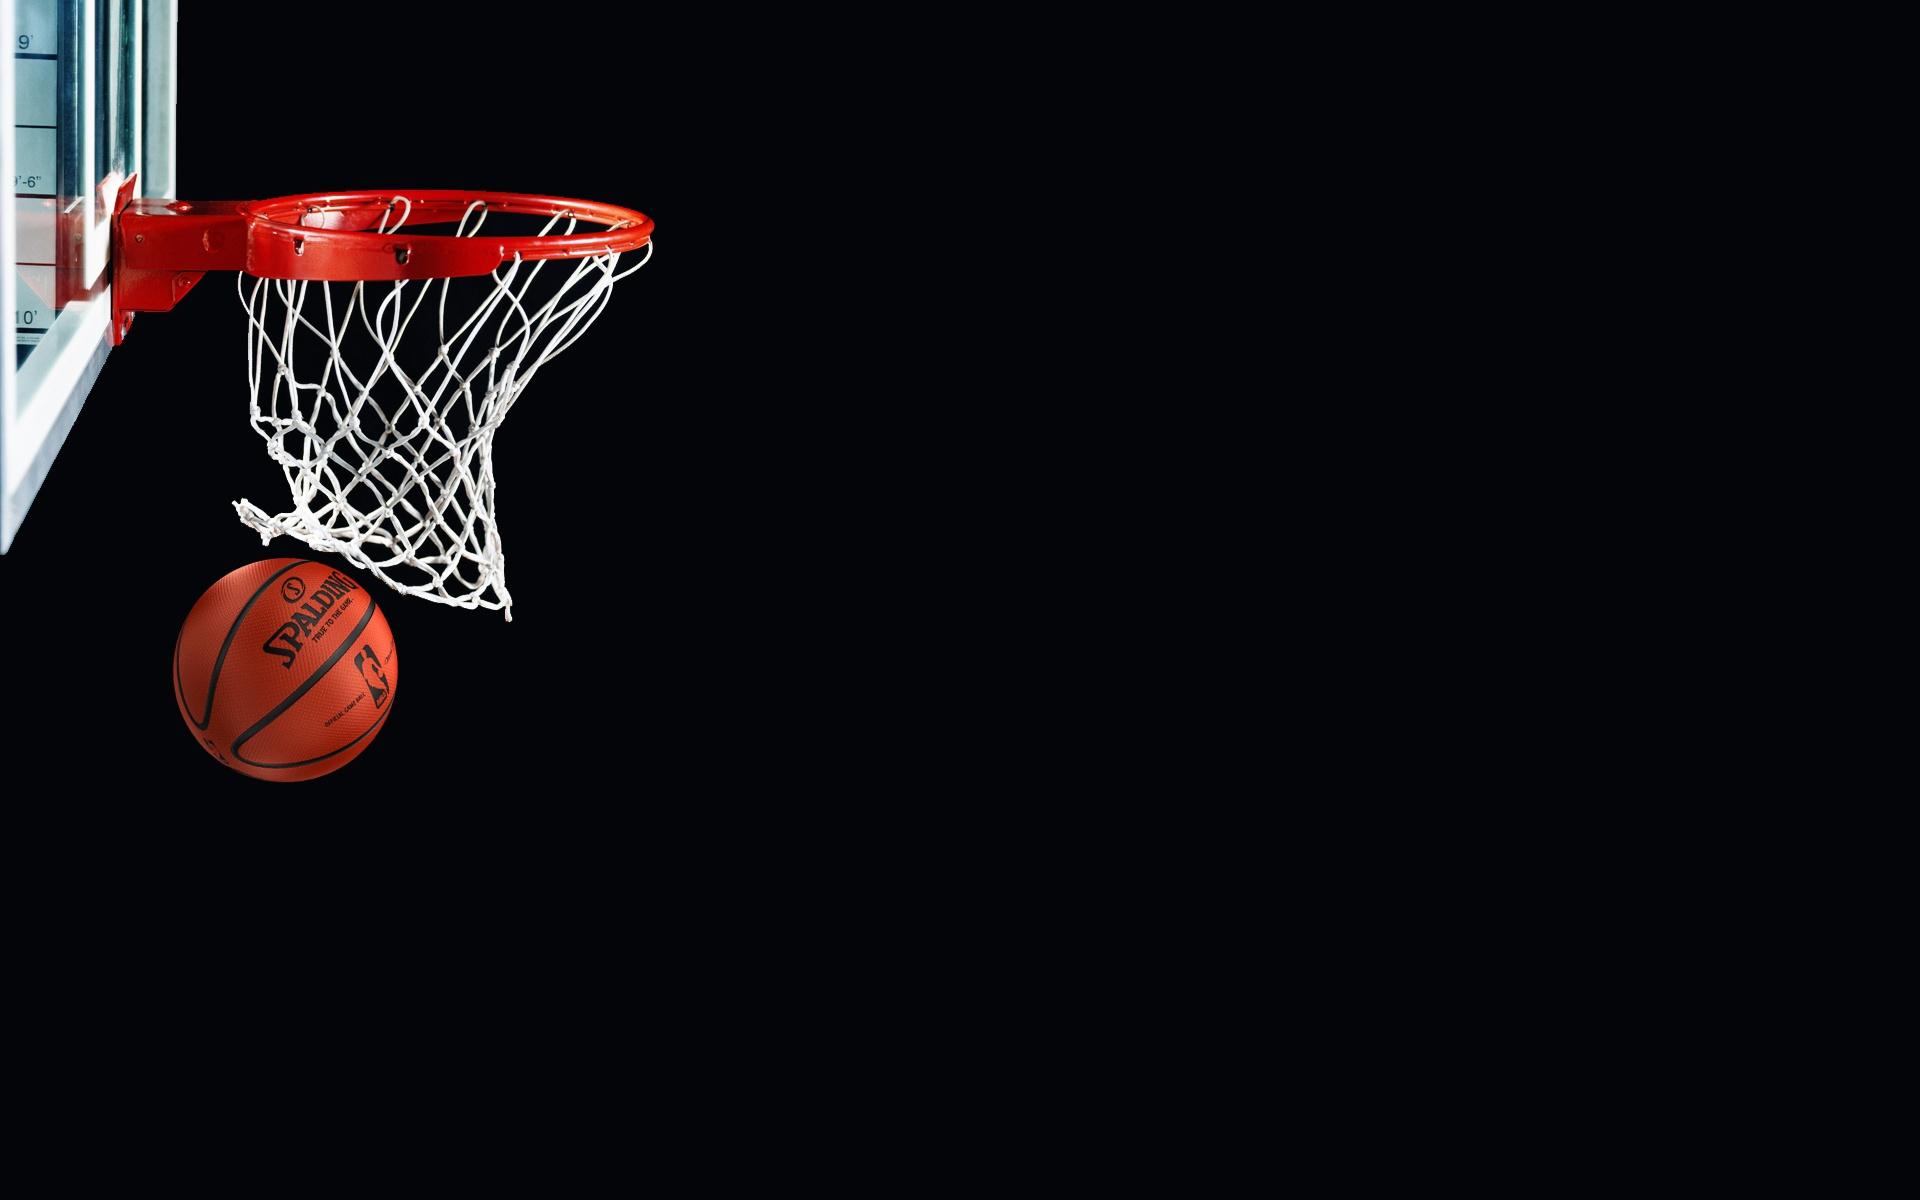 Basket Wallpaper - WallpaperSafari